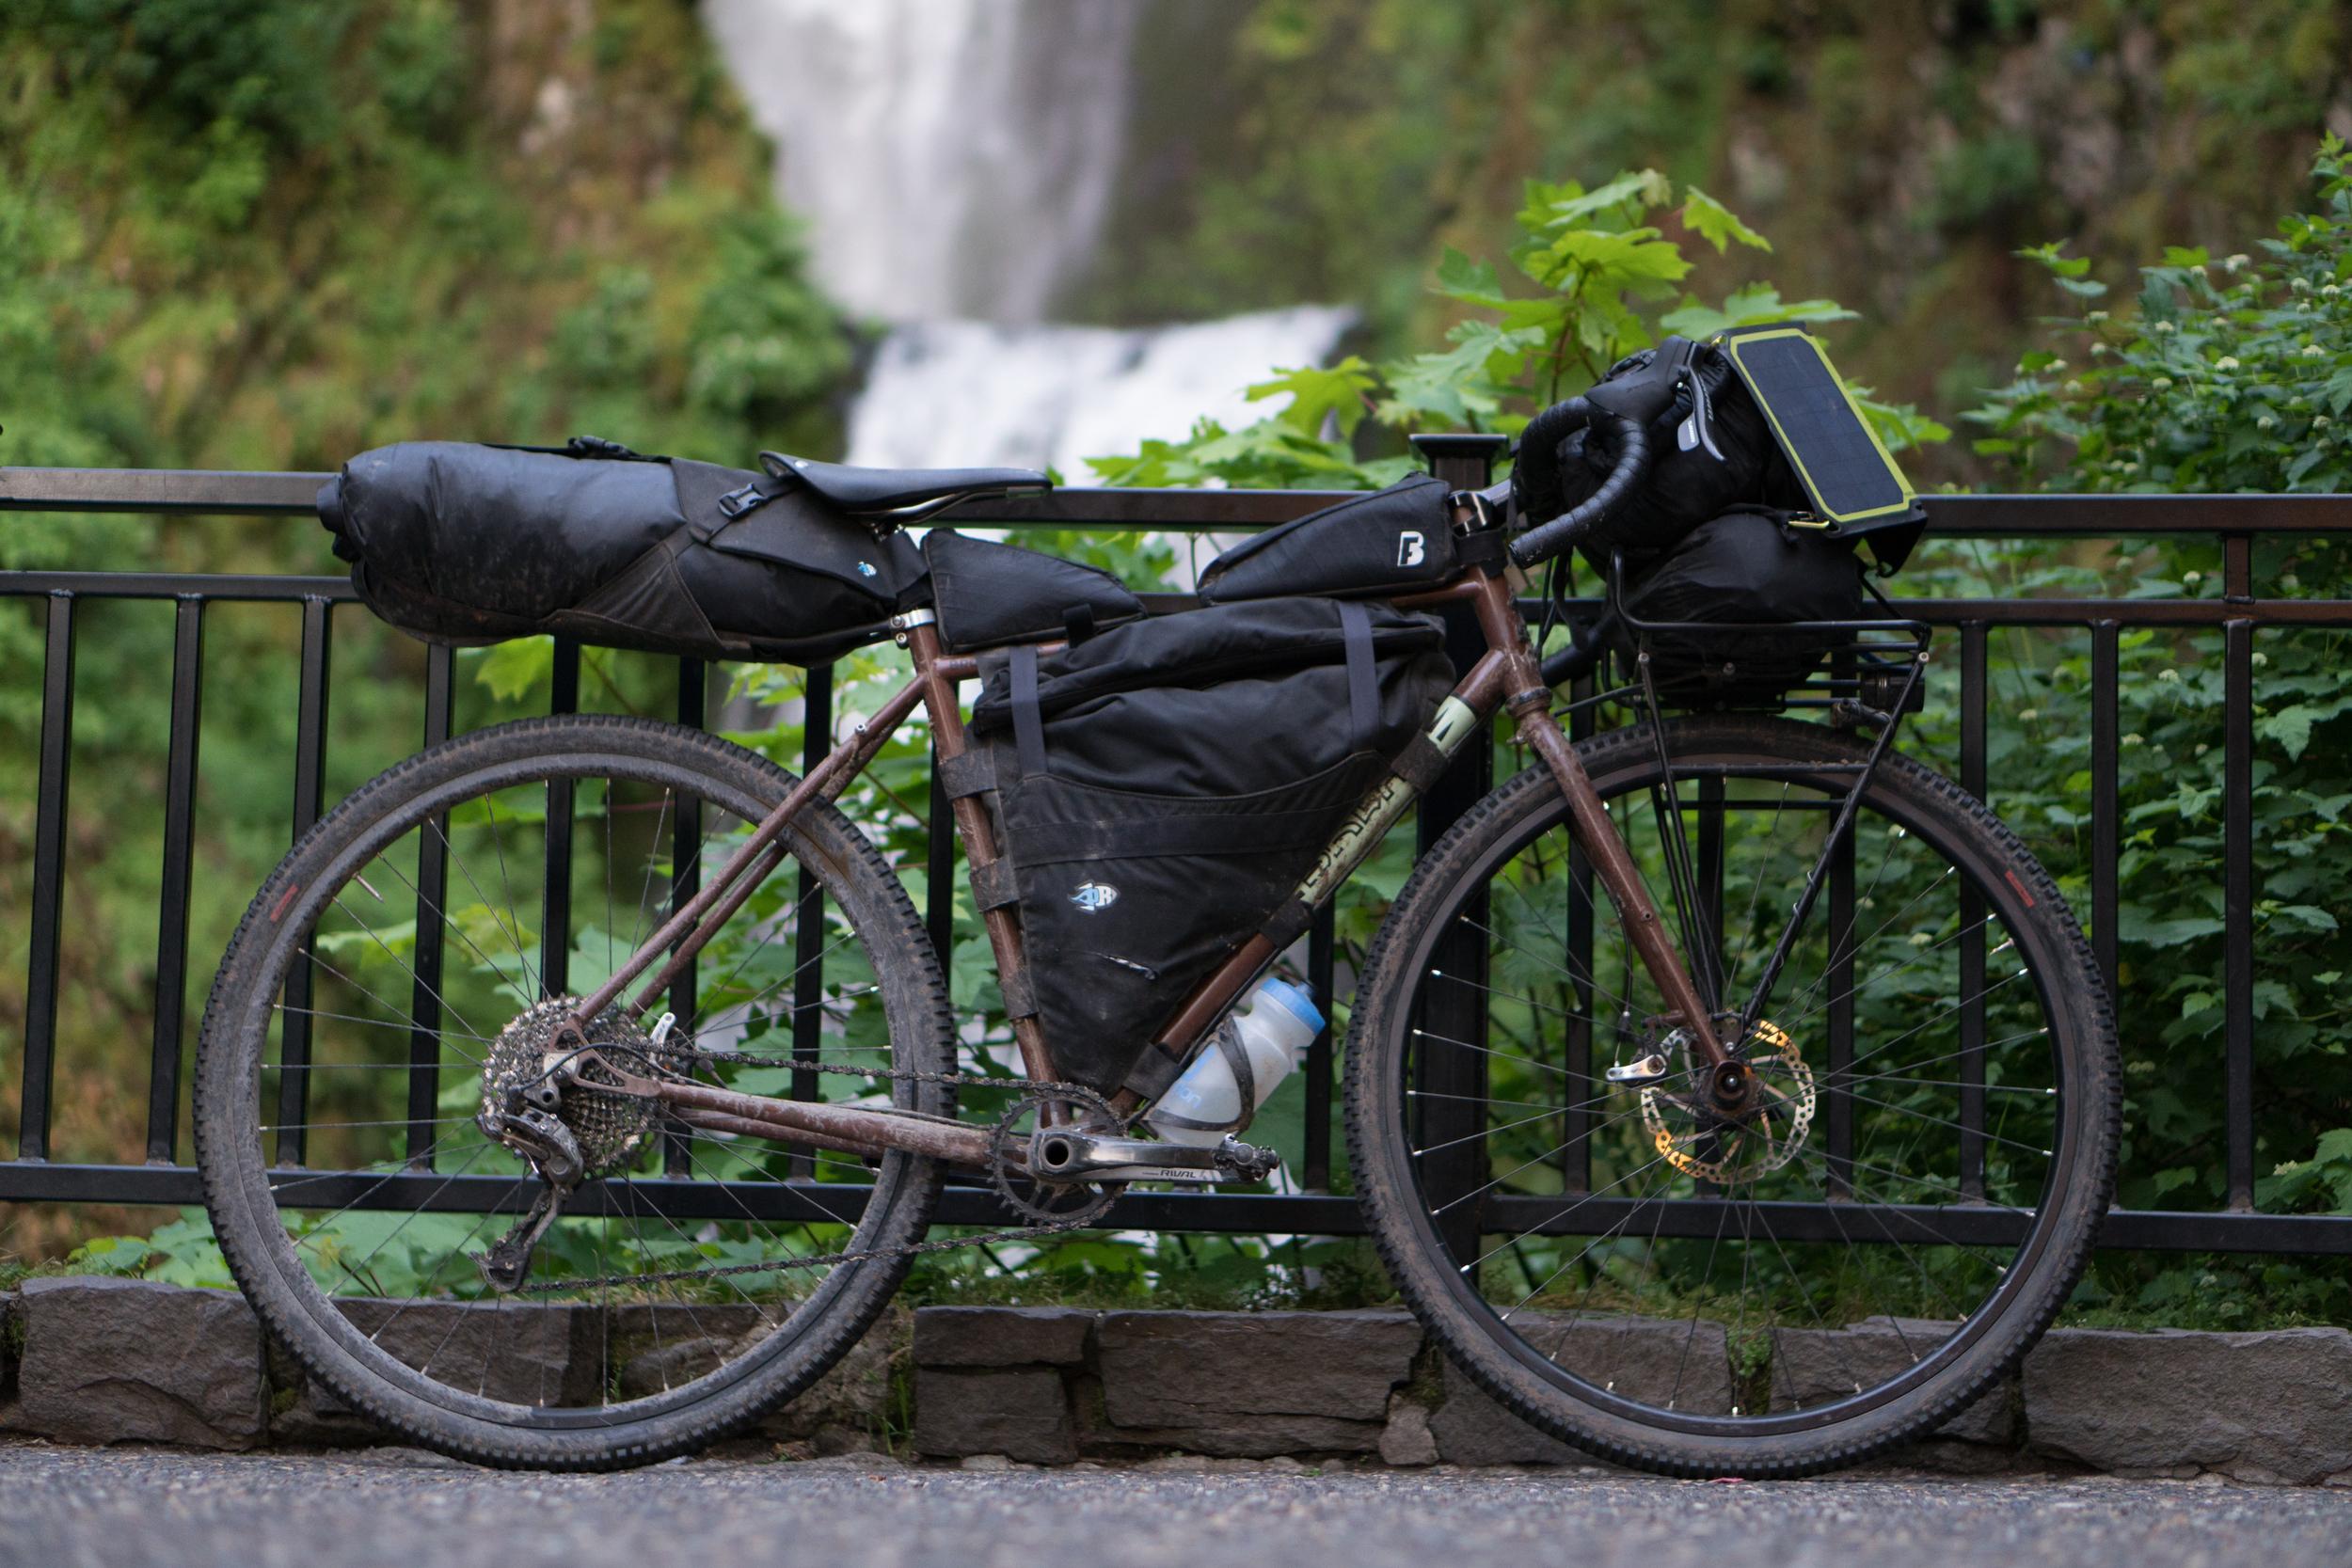 052016_OregonOutback_0224.jpg